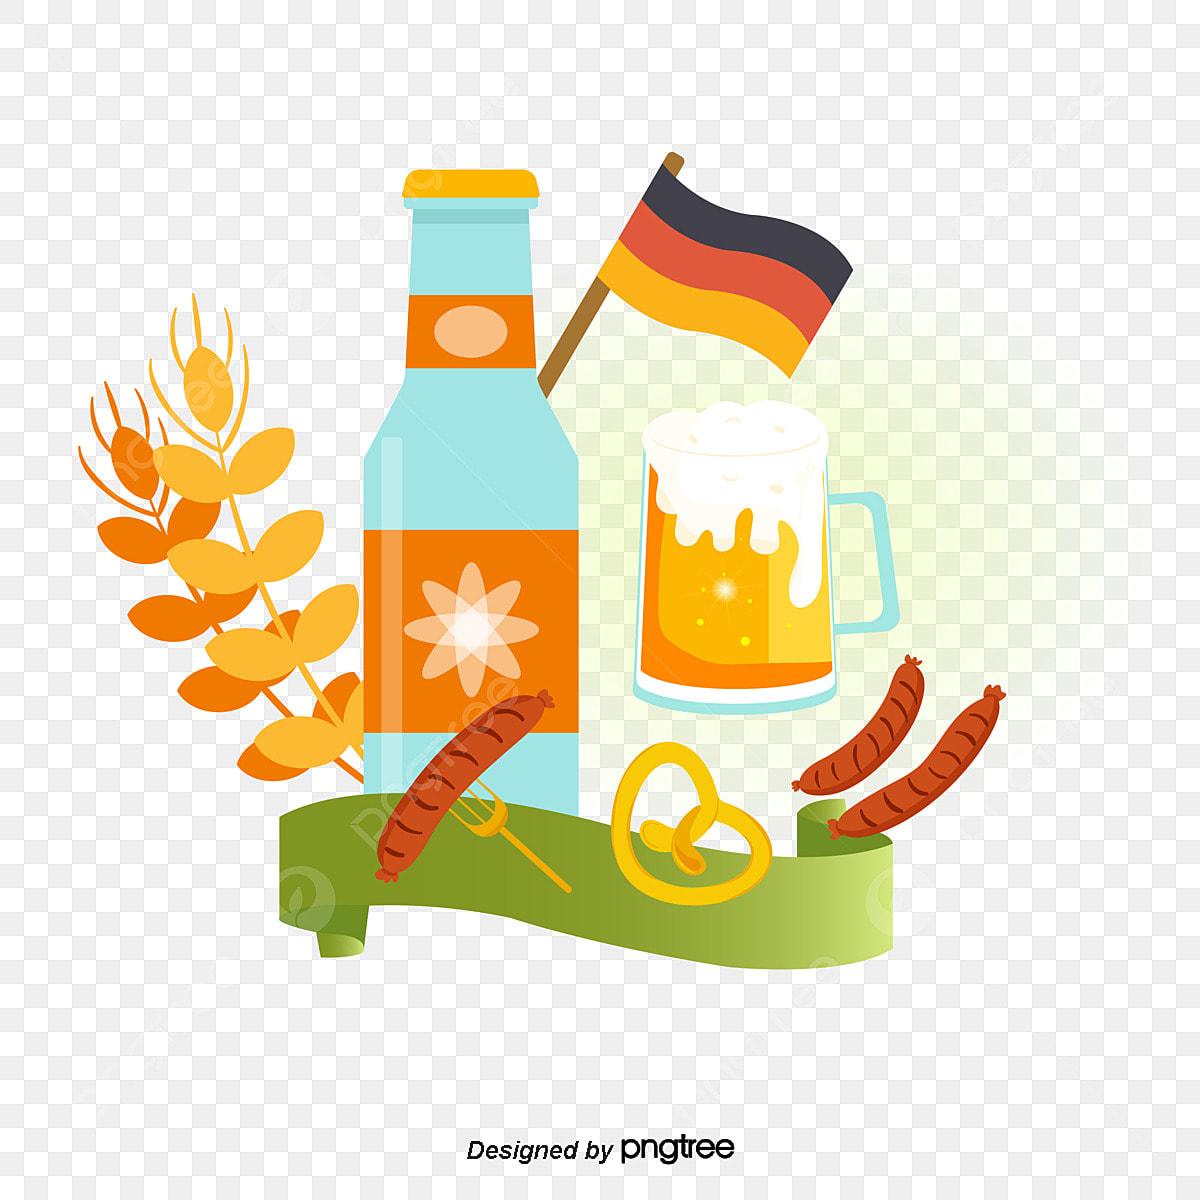 無料ダウンロードのためのビール祭素材イラスト ドイツ 帽子 オーク樽png